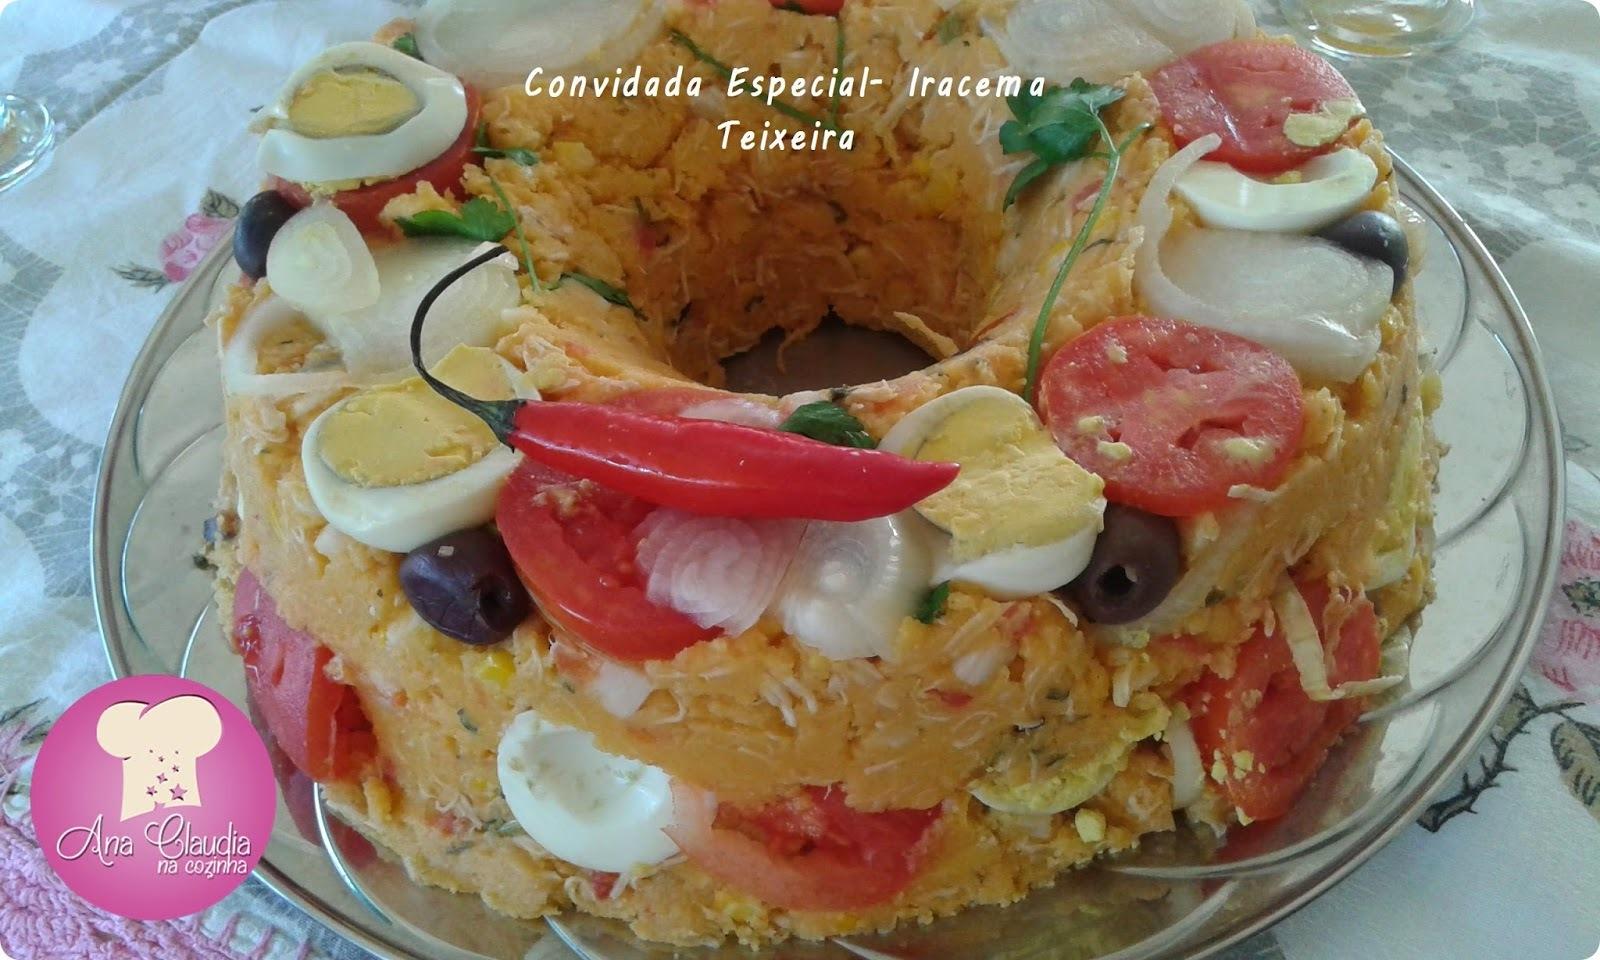 Cuscus de Frango por Iracema Teixeira